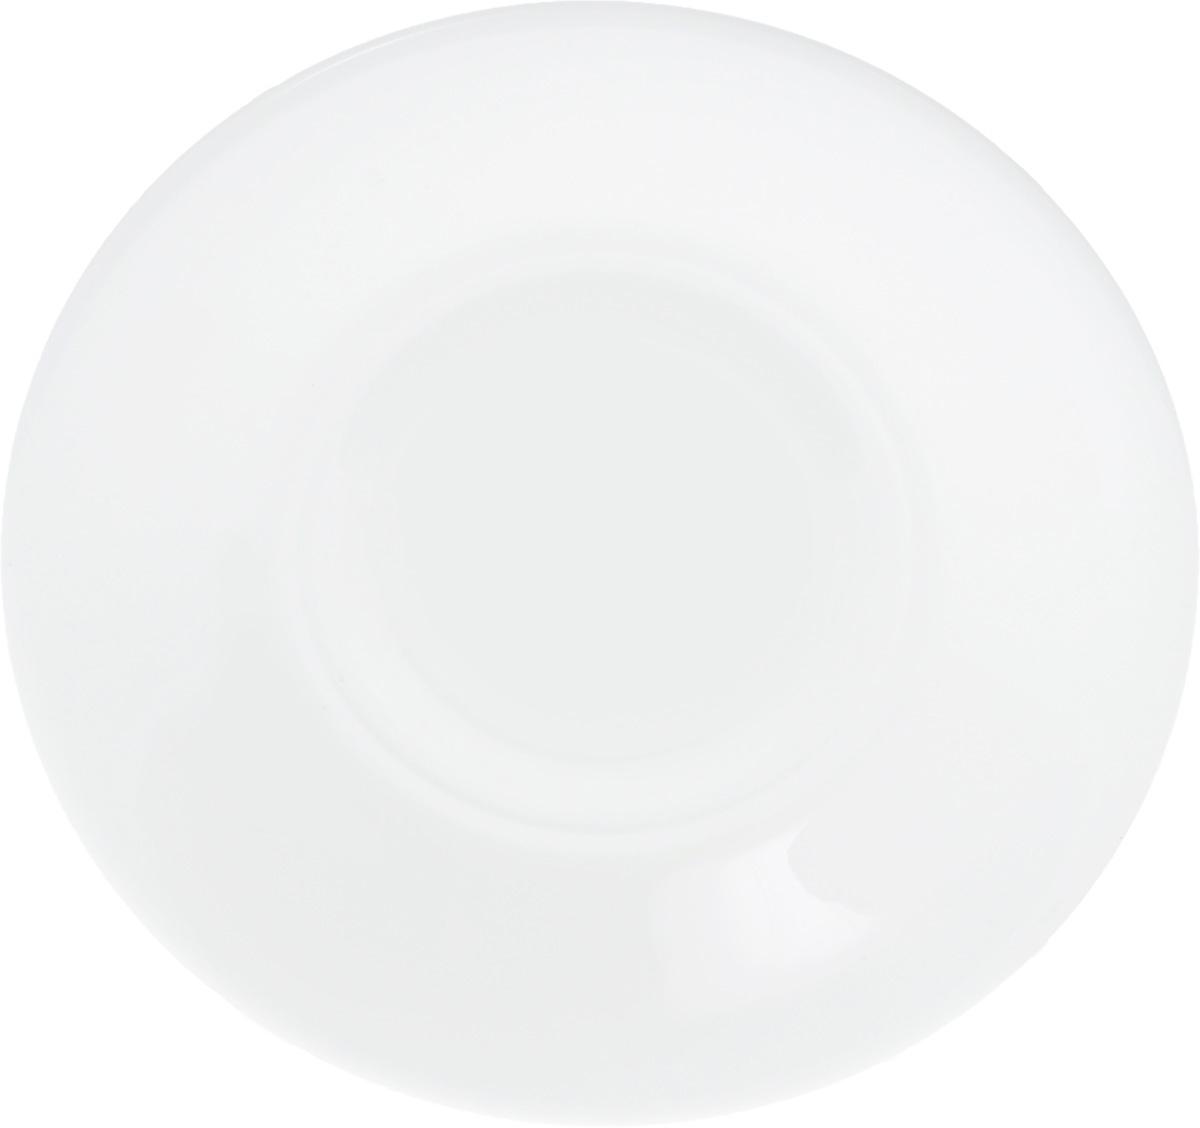 Блюдце Wilmax, диаметр 14 смWL-996099 / AБлюдце Wilmax, изготовленное из высококачественного фарфора, имеет классическую круглую форму. Оригинальный дизайн придется по вкусу и ценителям классики, и тем, кто предпочитает утонченность и изысканность. Блюдце Wilmax идеально подойдет для сервировки стола и станет отличным подарком к любому празднику.